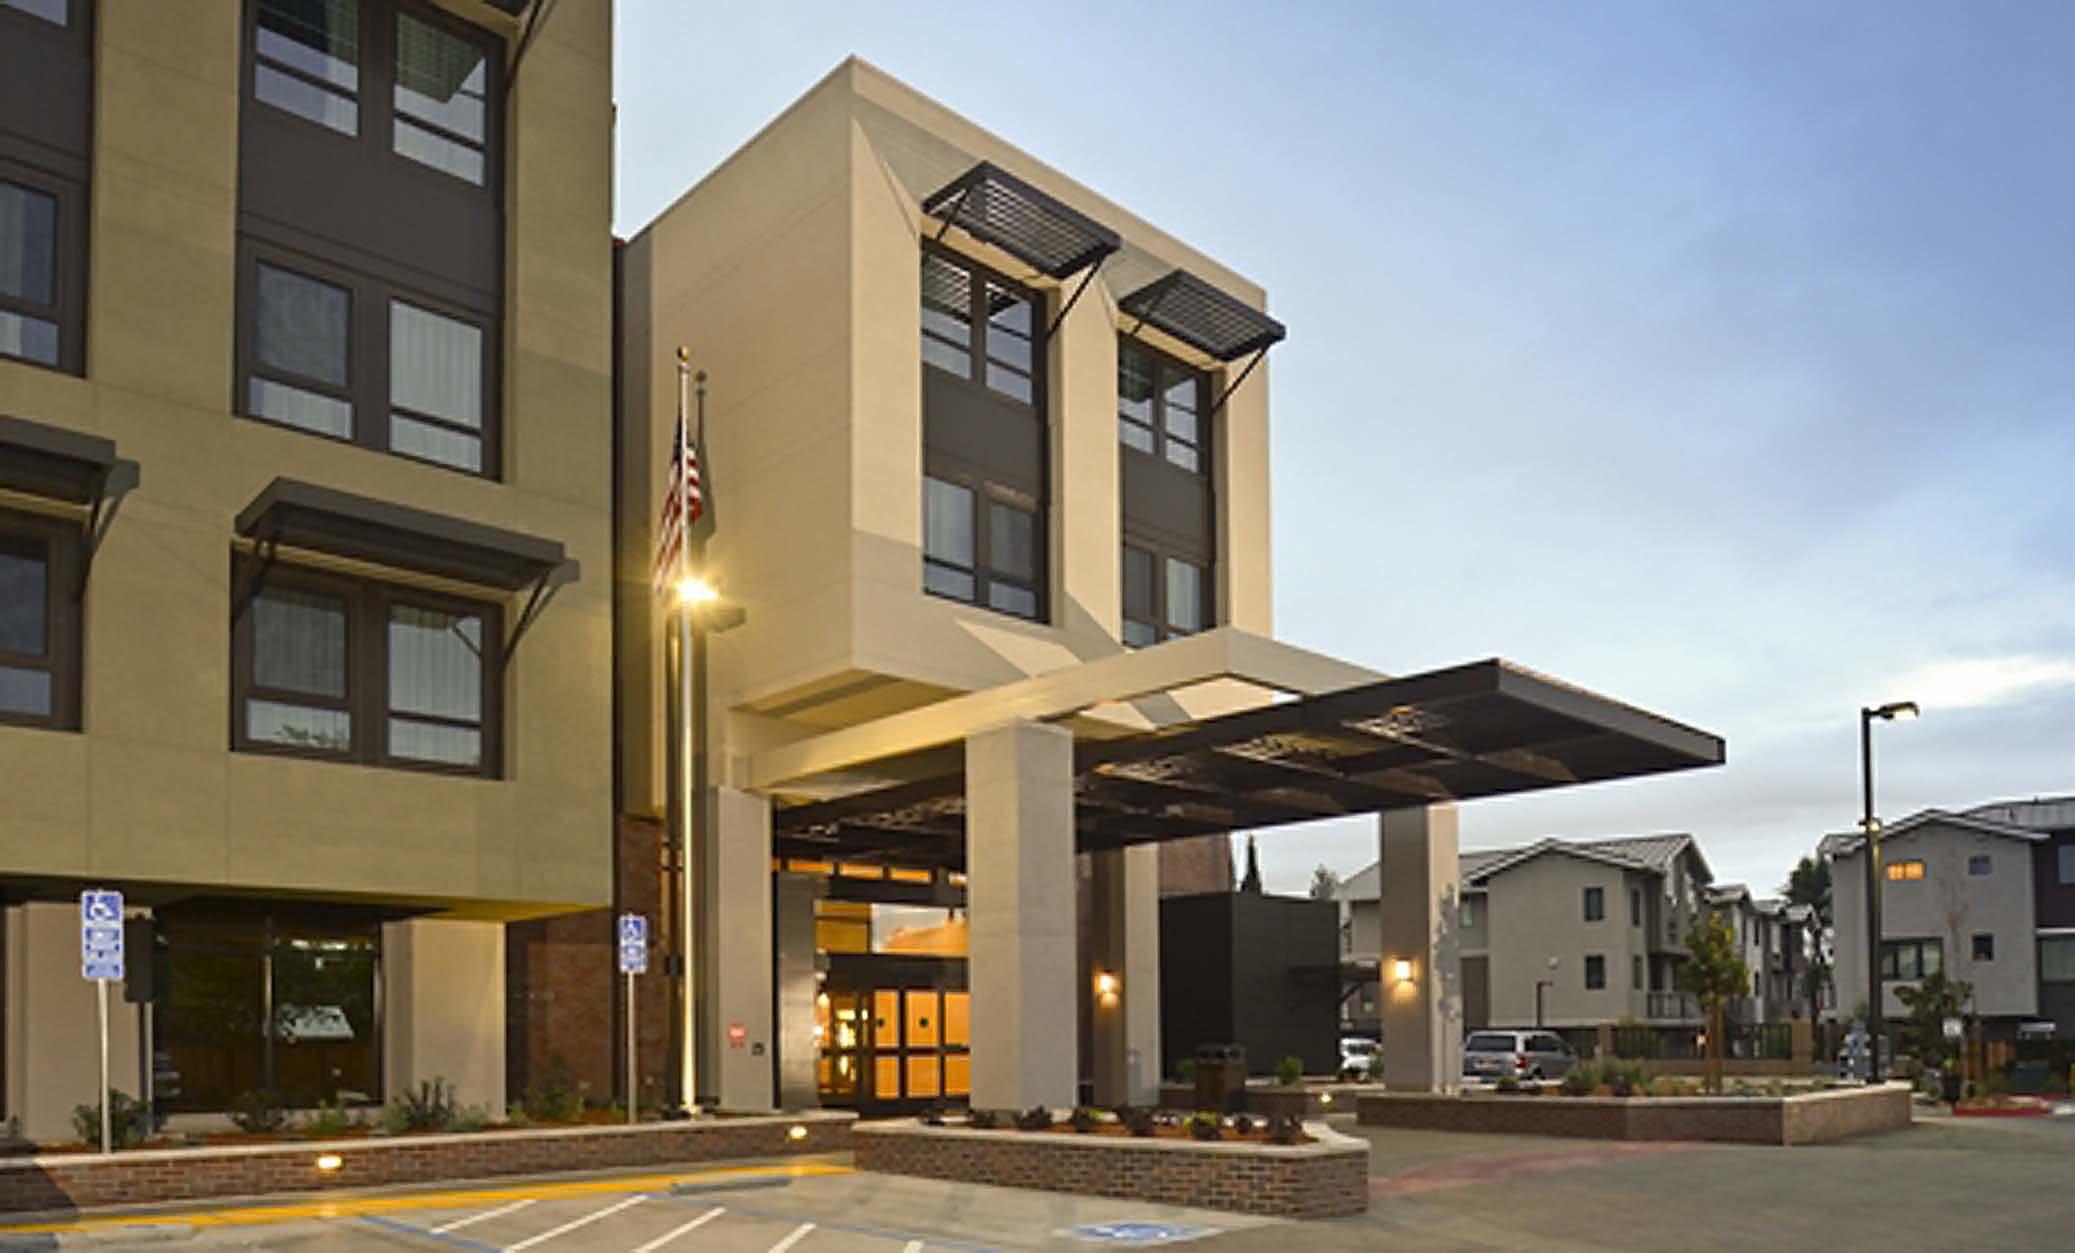 Exterior Entrance Homewood Suites Palo Alto Hotel Architecture Design ©brick-inc